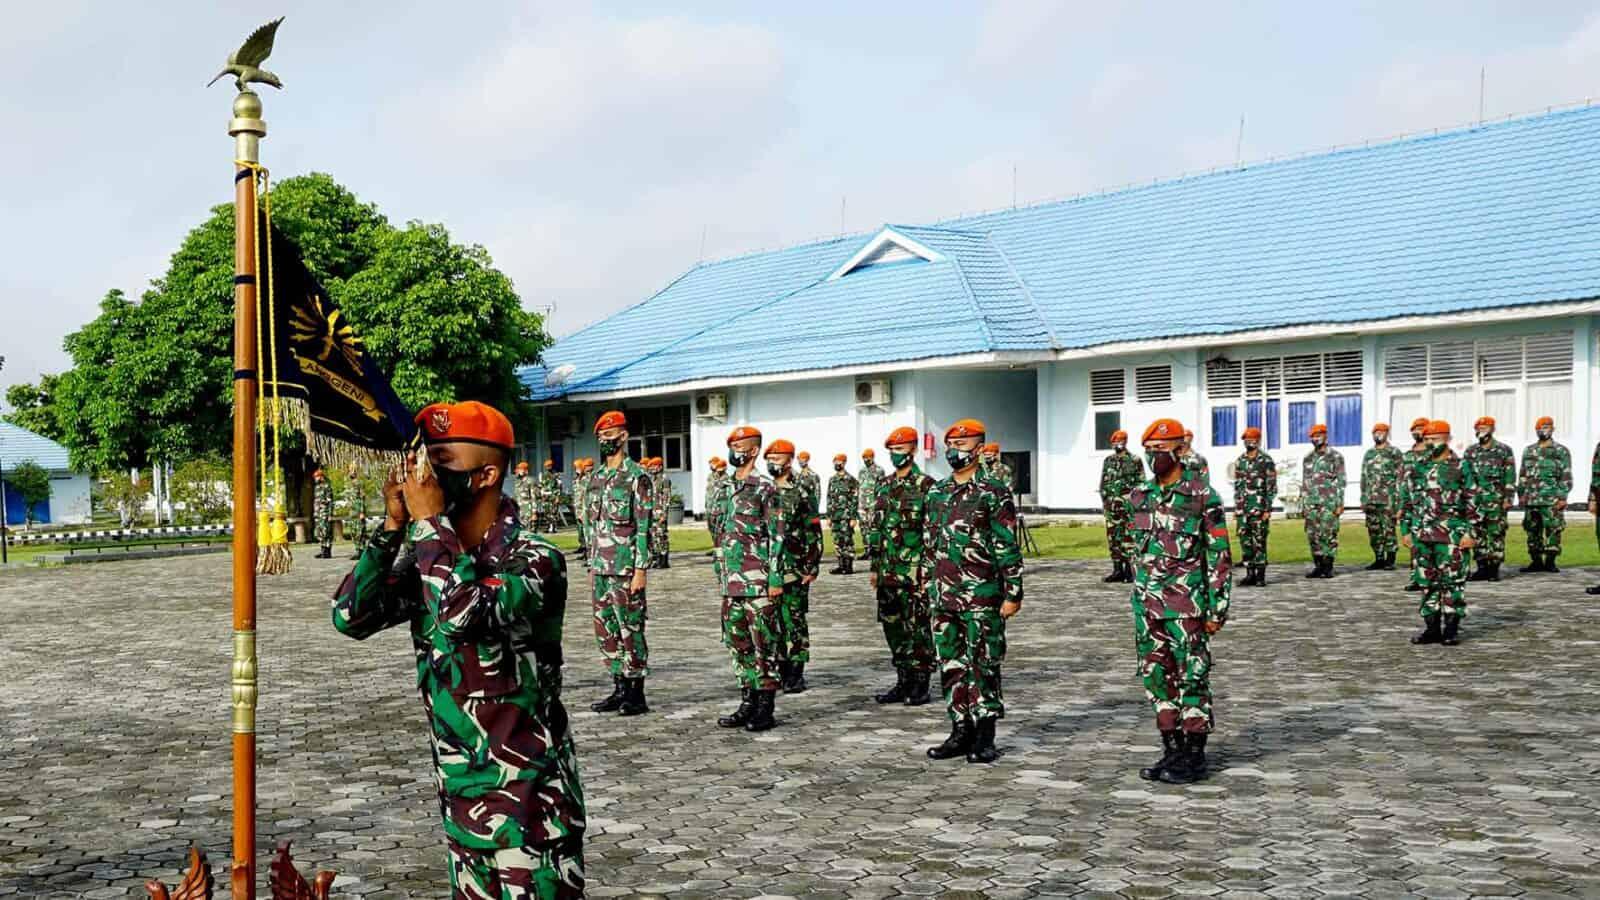 Danyonko 462 Pimpin Acara Tradisi Korps Raport Arjuna Pulanggeni Menuju Satuan Baru